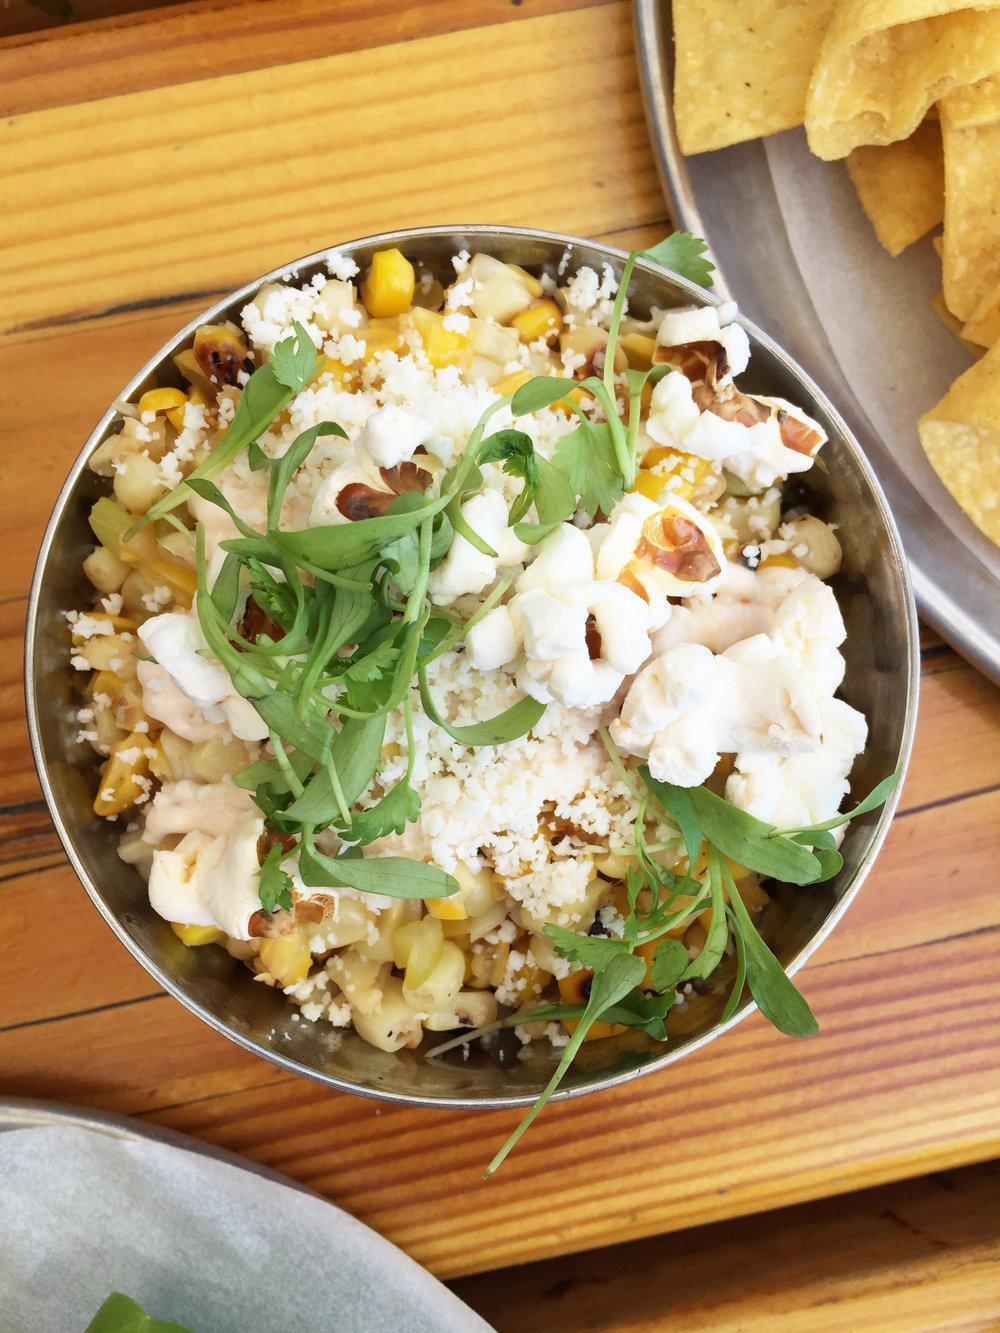 STREET CORN - fresh corn off the cob / spices / chipotle cream / popcorn.